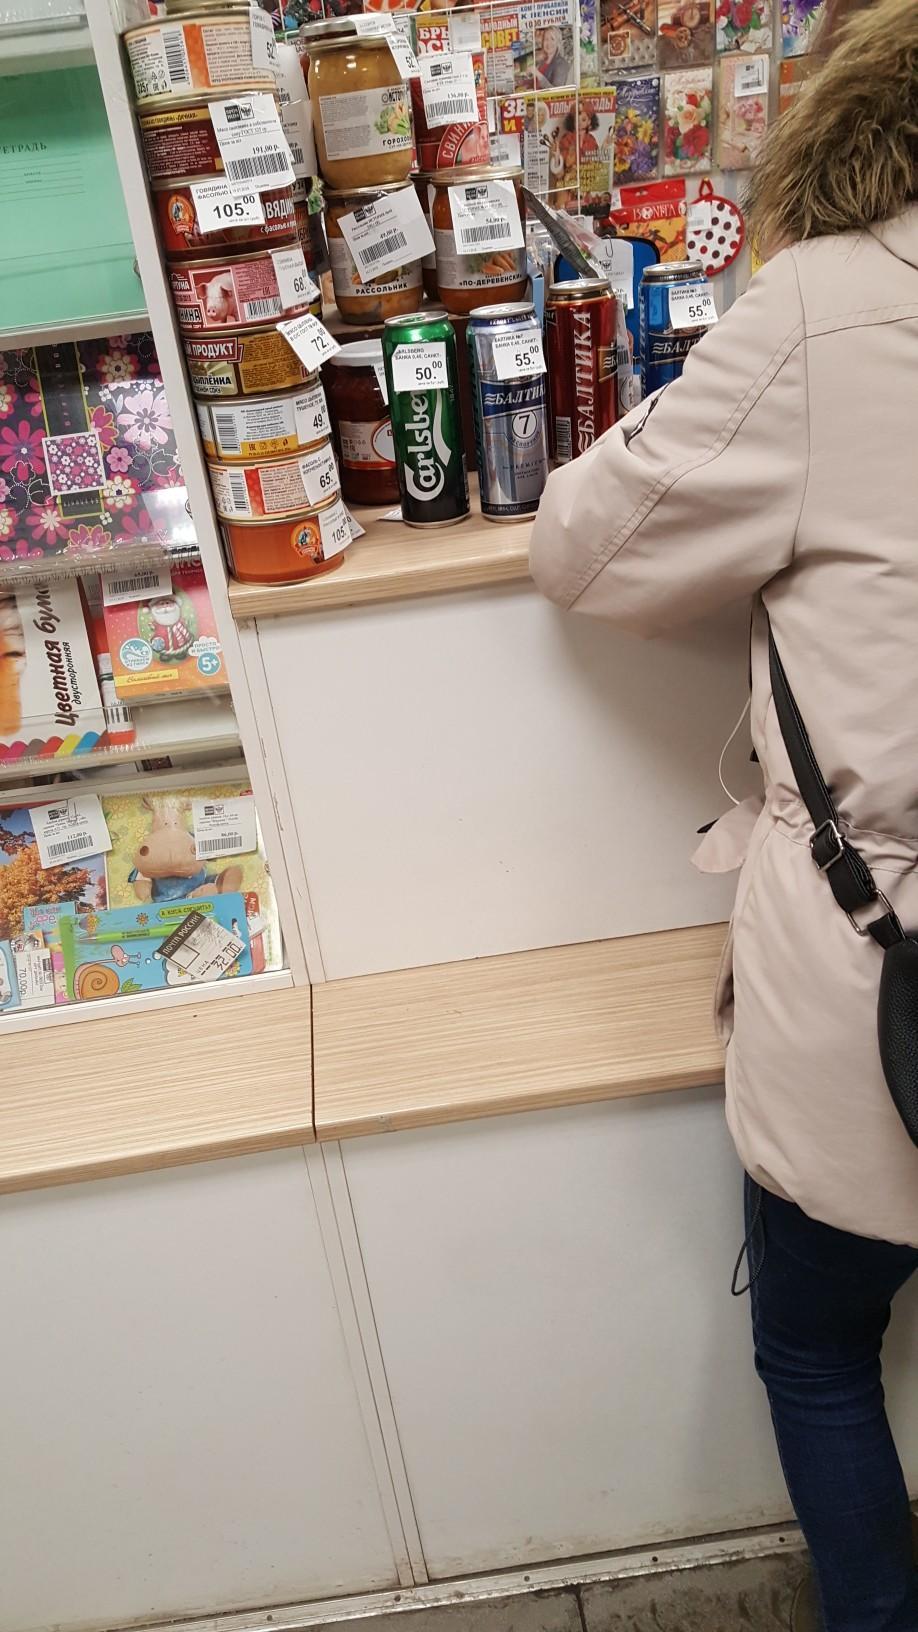 Как видно на фото, продают там еще и закуску / фото vk.com/murmanskgroup